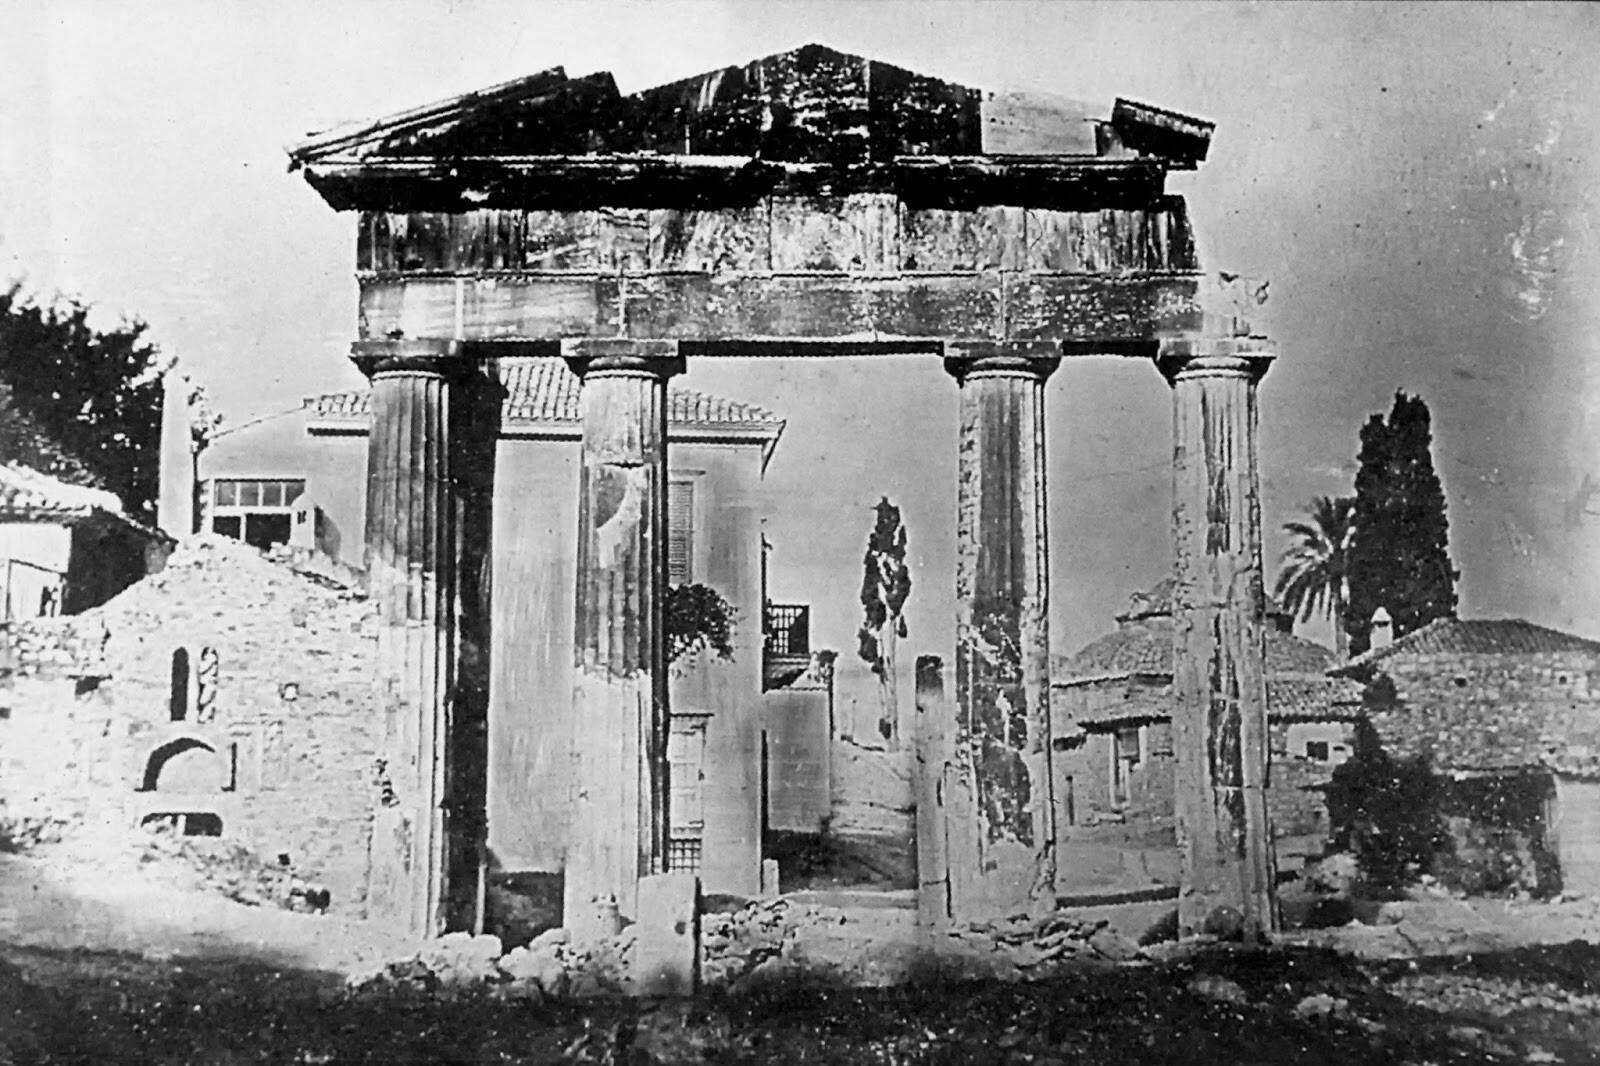 Η Πύλη της Αθηνάς Αρχηγέτιδος στη Ρωμαϊκή αγορά, 1842. Joseph-Filibert Girault de Prangey